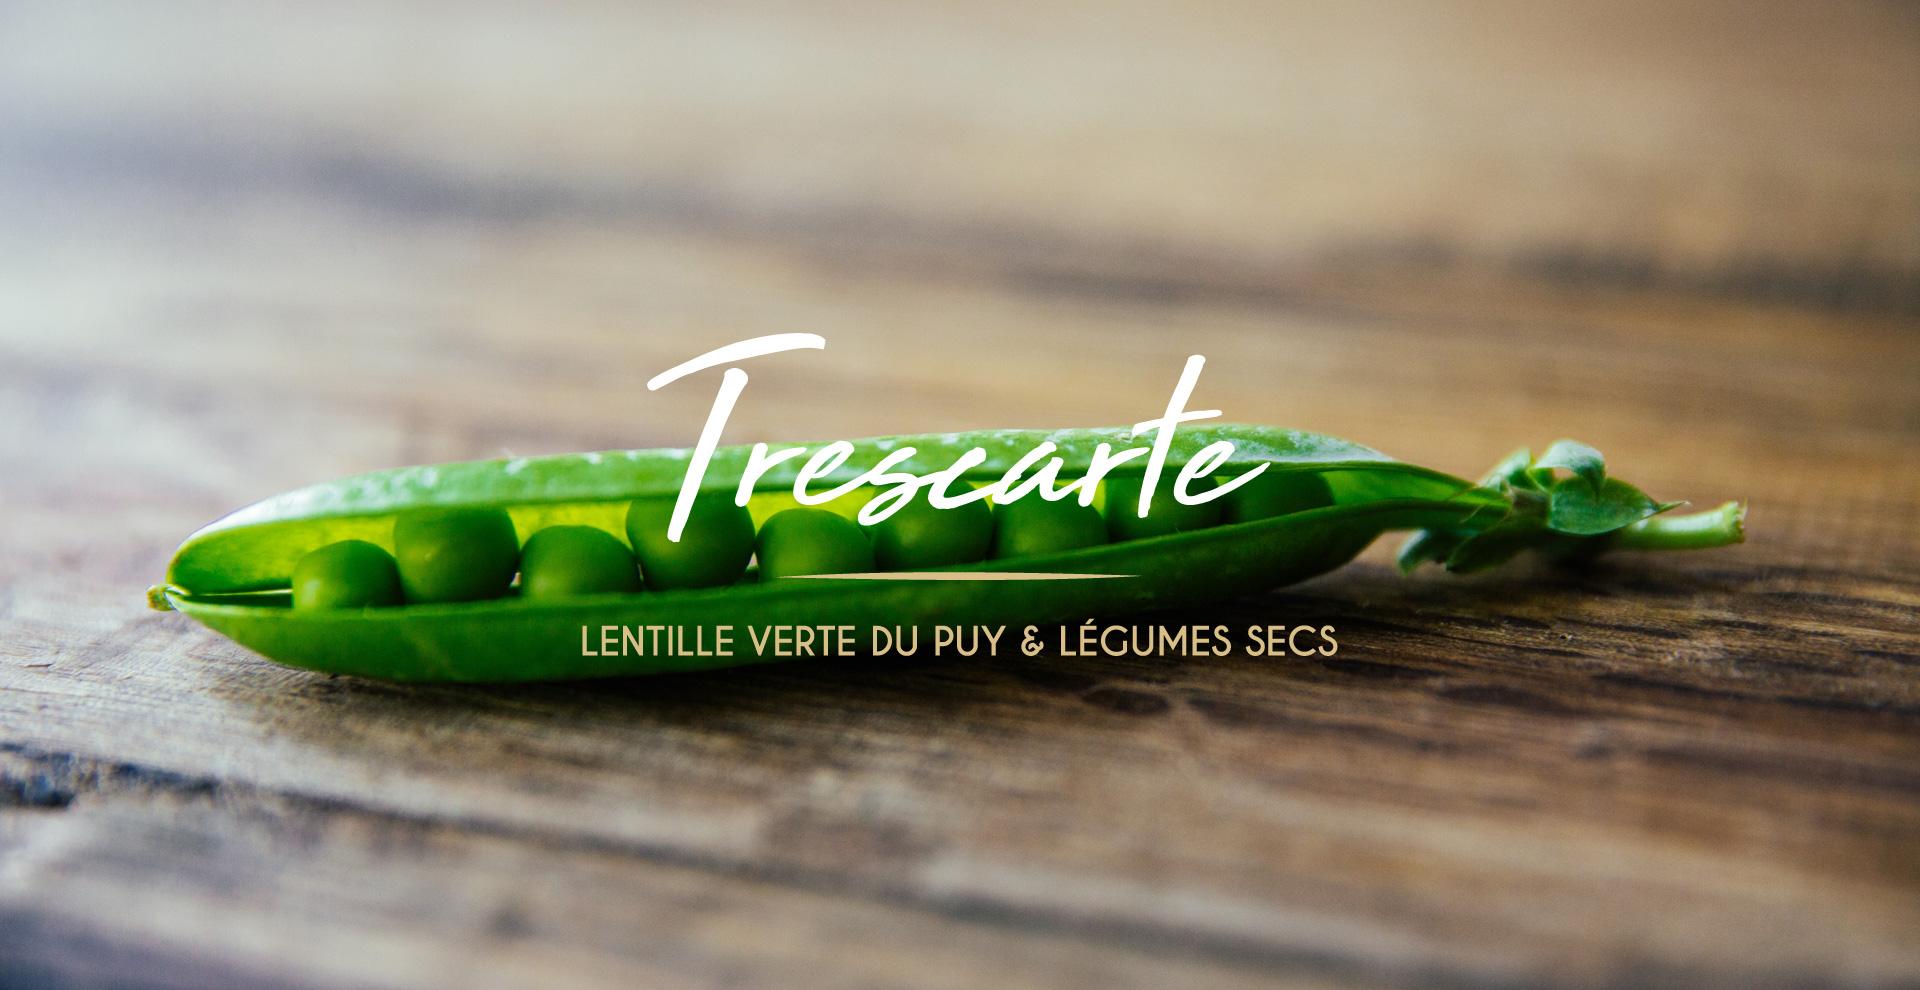 Création identité visuelle Trescarte créé par studio N°3